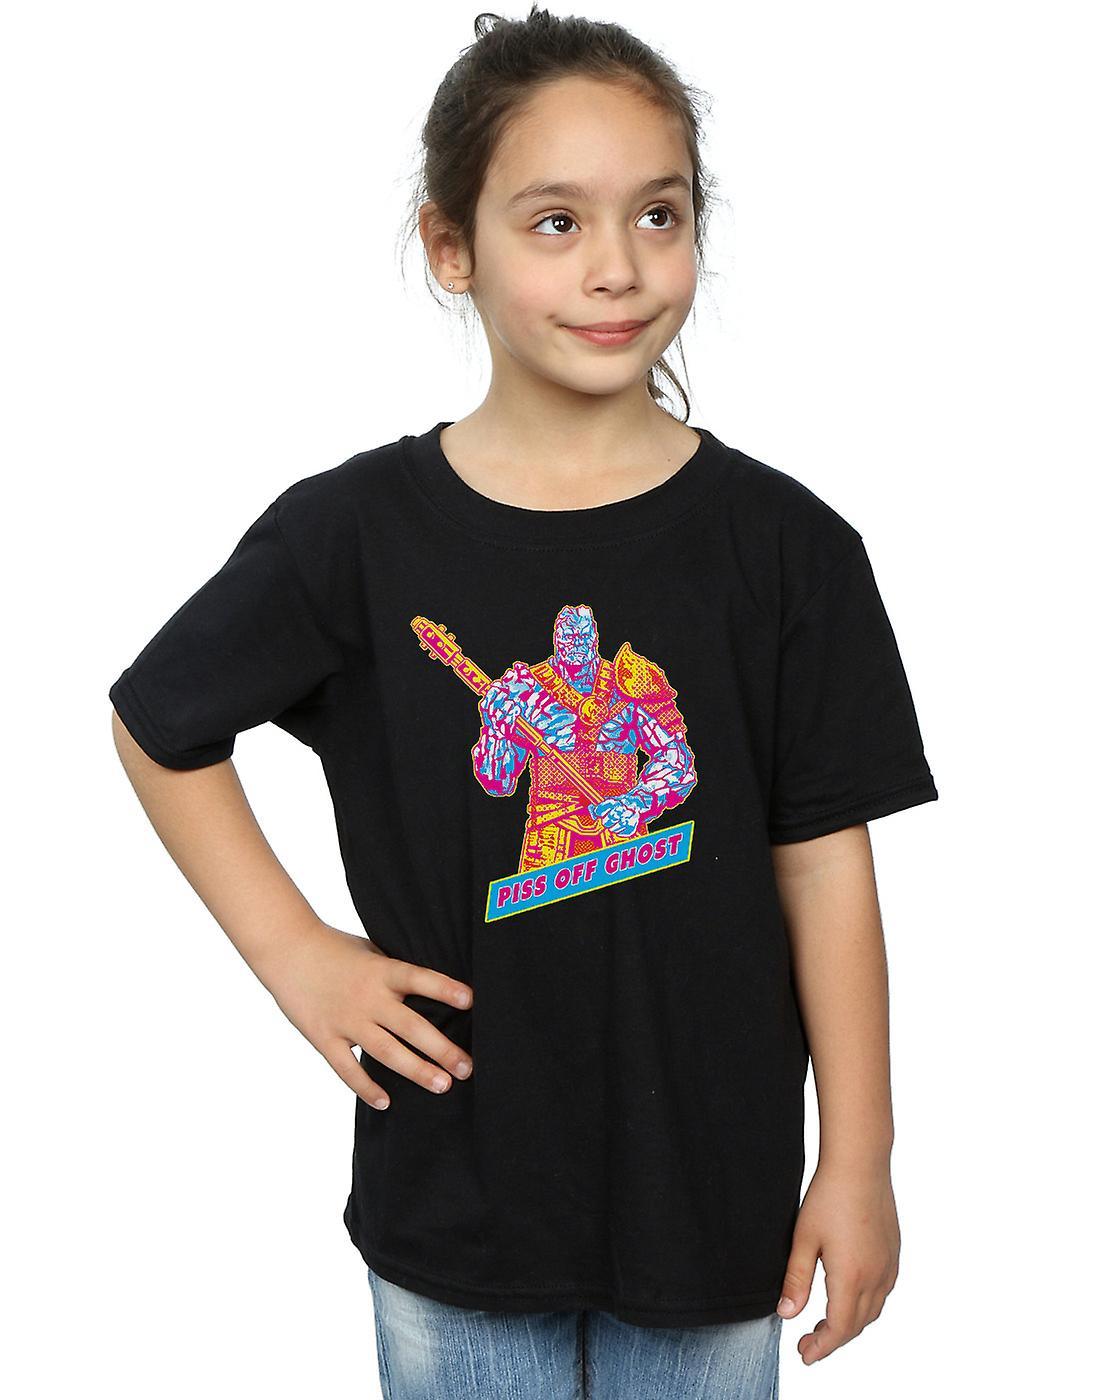 Marvel Girls Thor Ragnarok Korg's Ghost T-Shirt